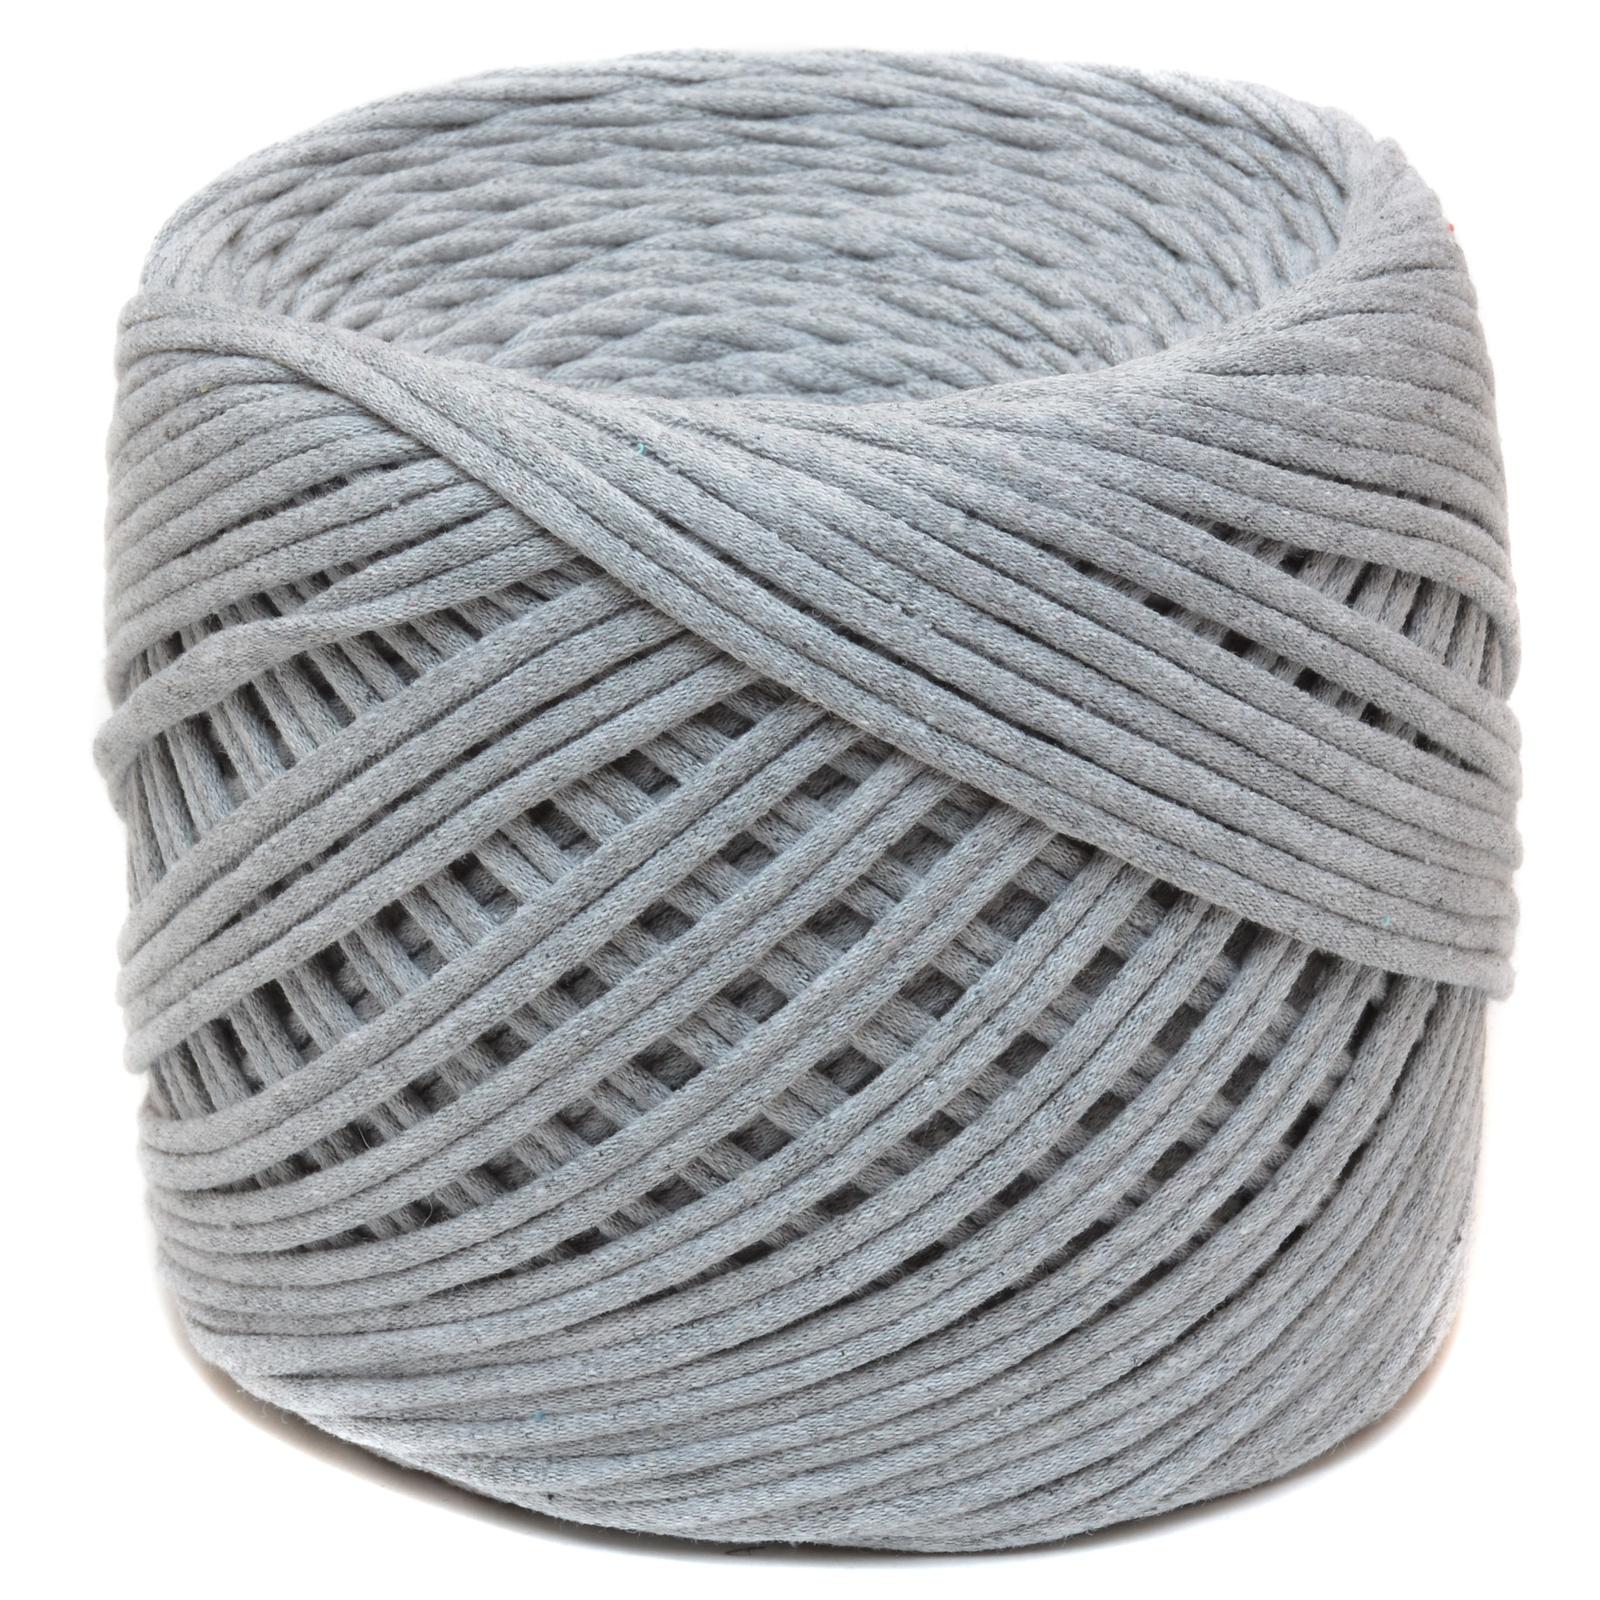 Трикотажная пряжа Saltera. Цвет Серый меланж (36)